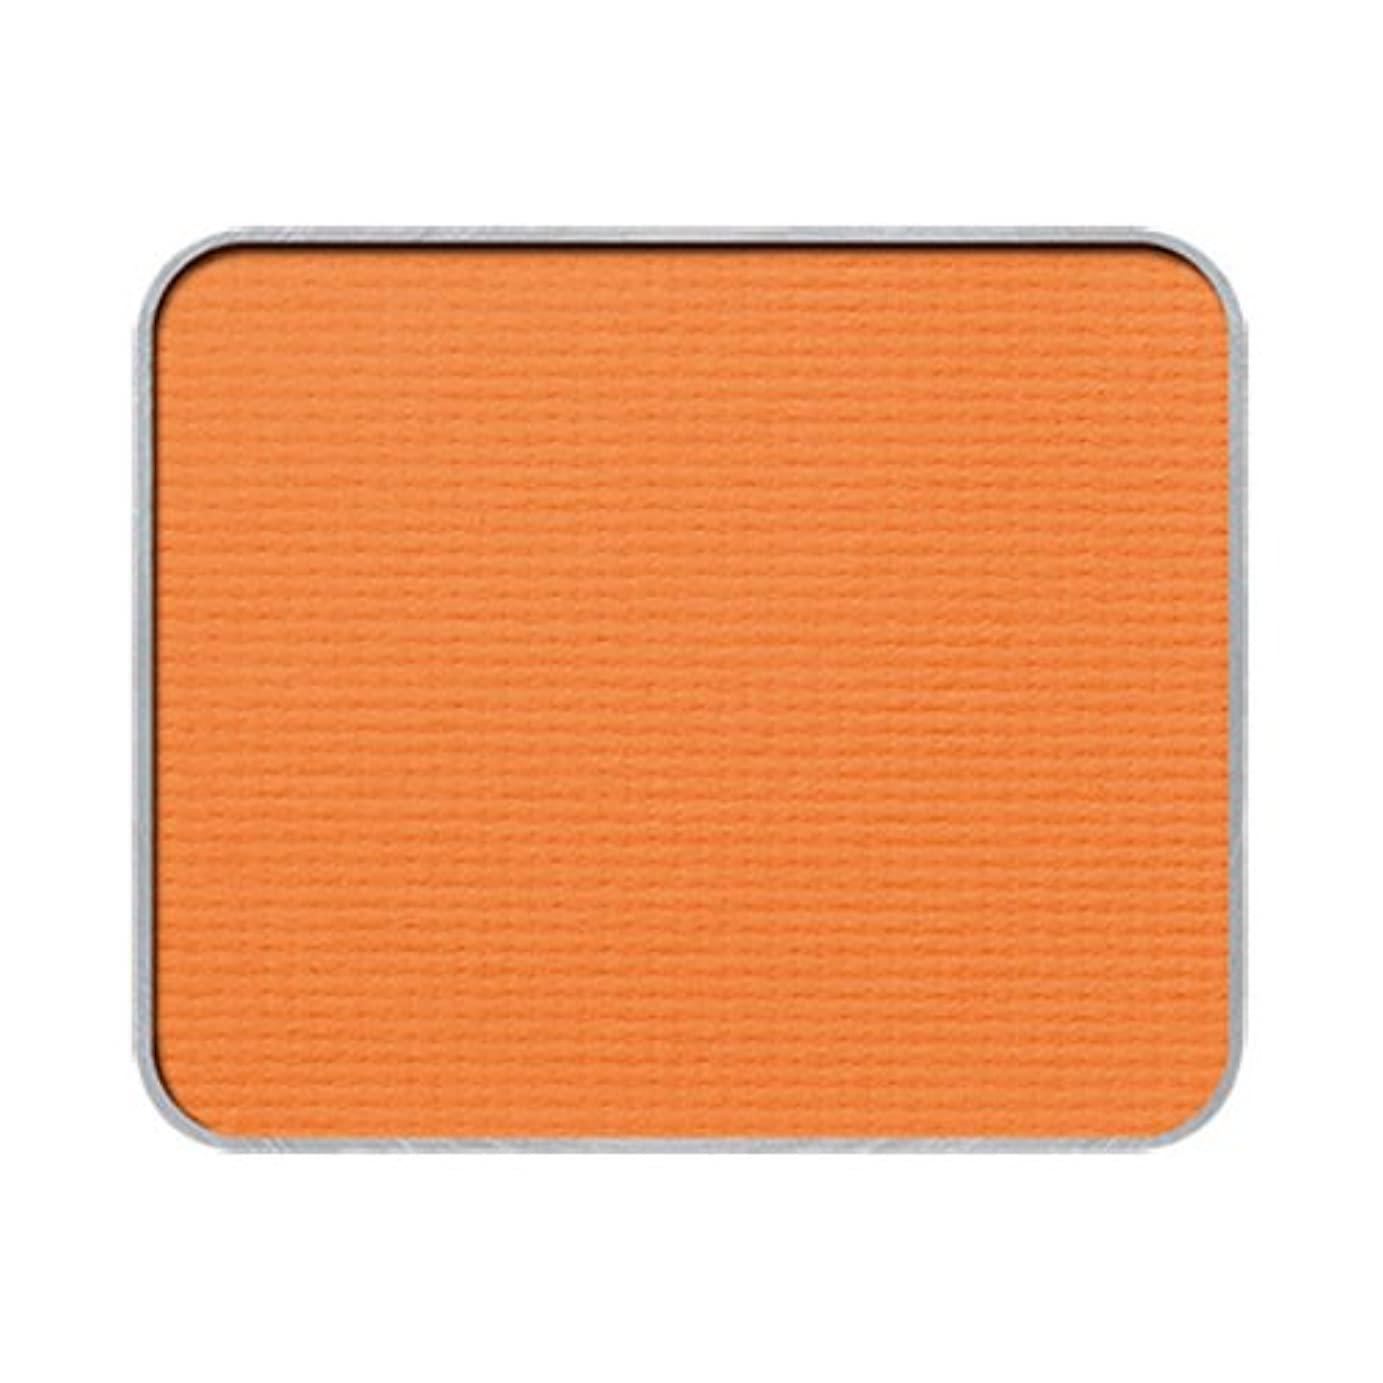 透明に不注意耳プレスド アイシャドー (レフィル) M オレンジ 250